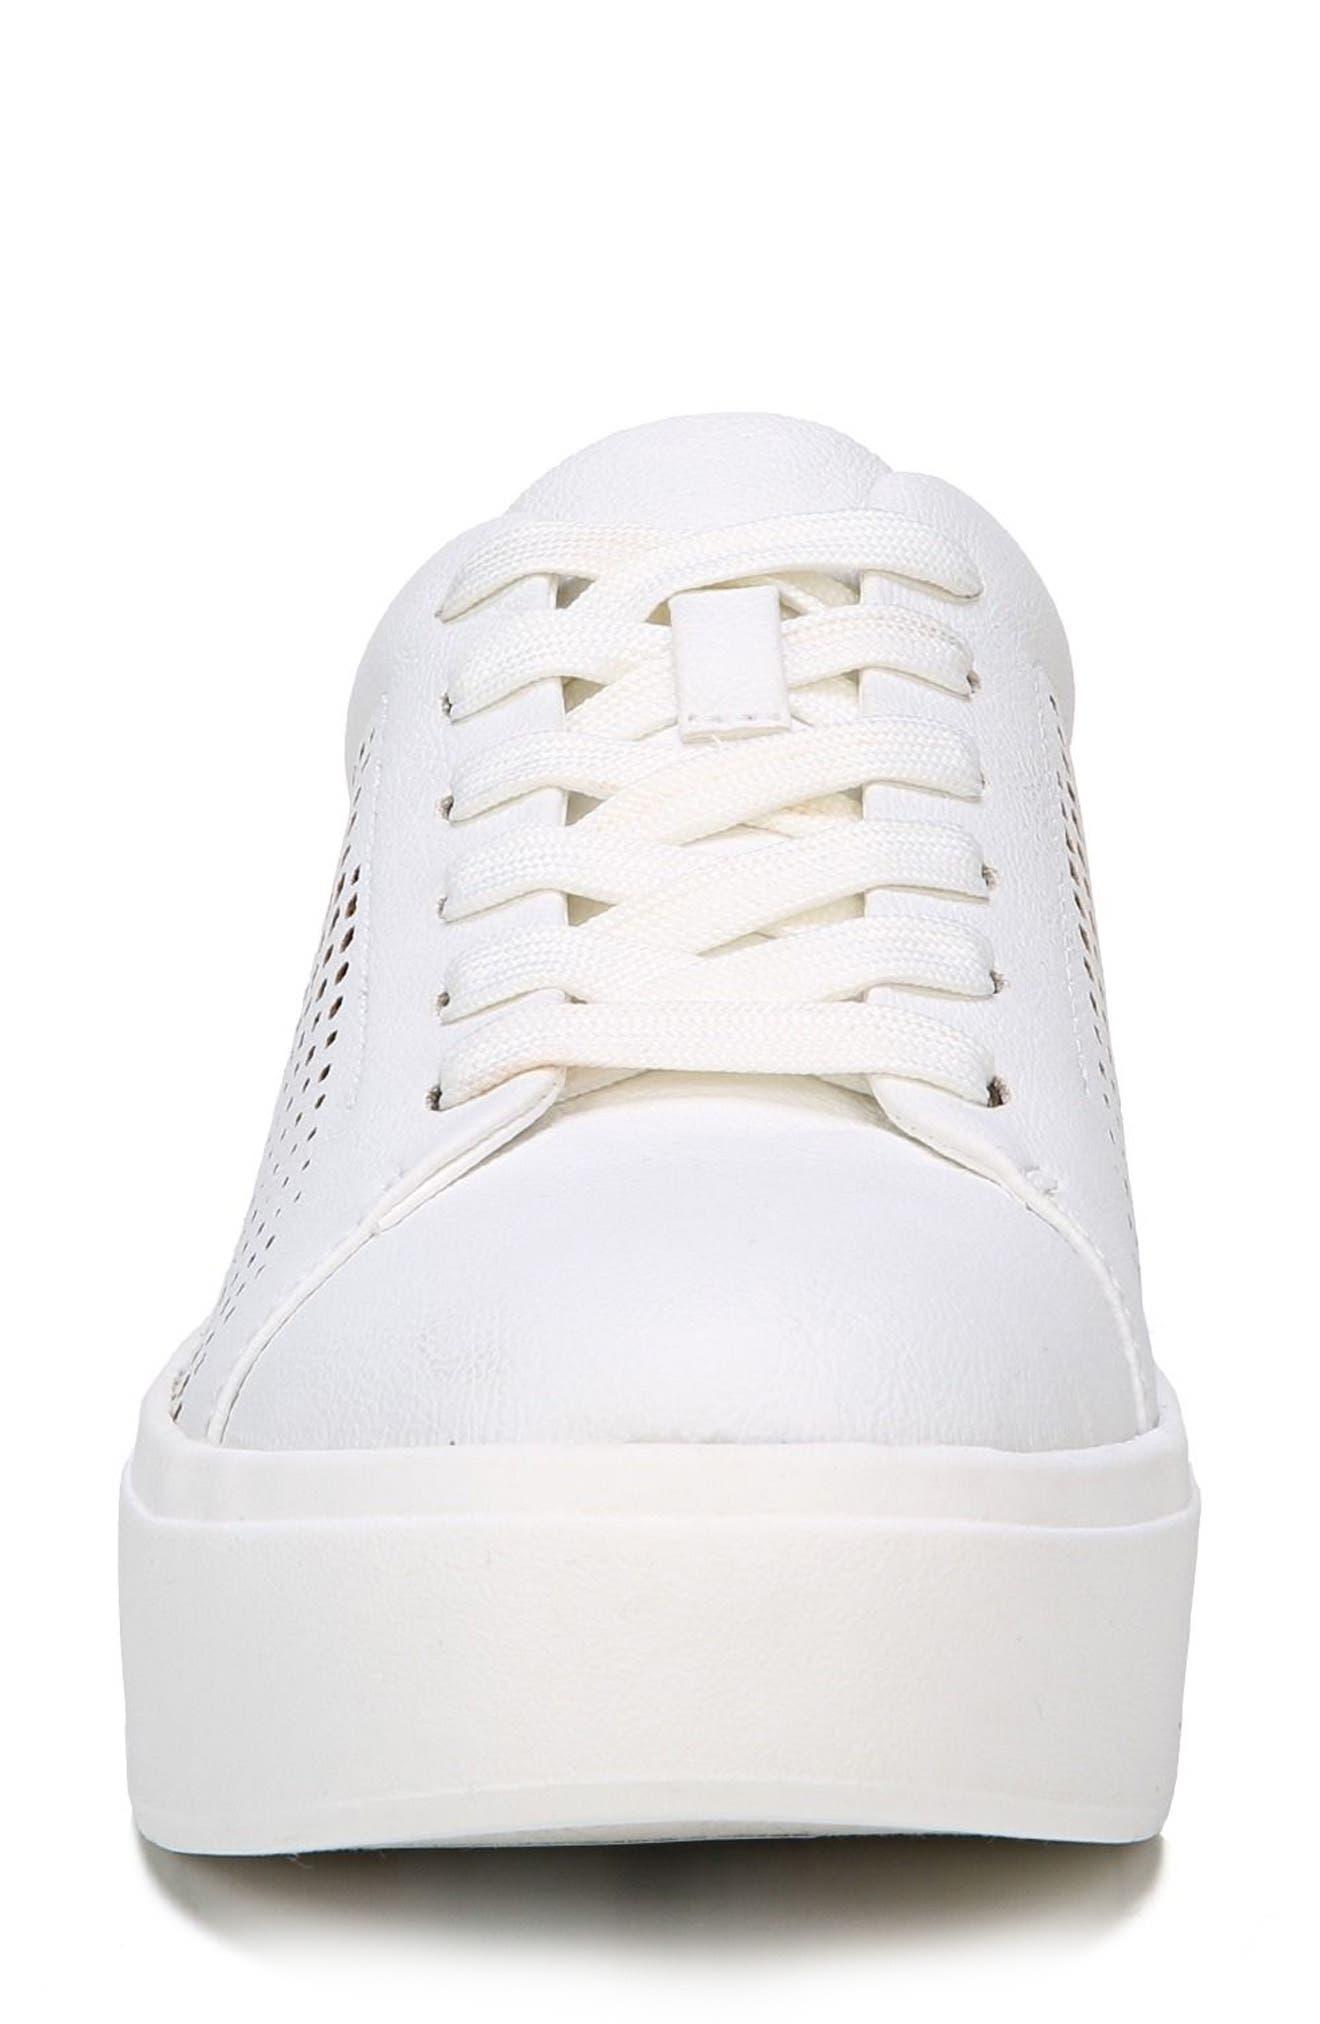 Kinney Platform Sneaker,                             Alternate thumbnail 4, color,                             White